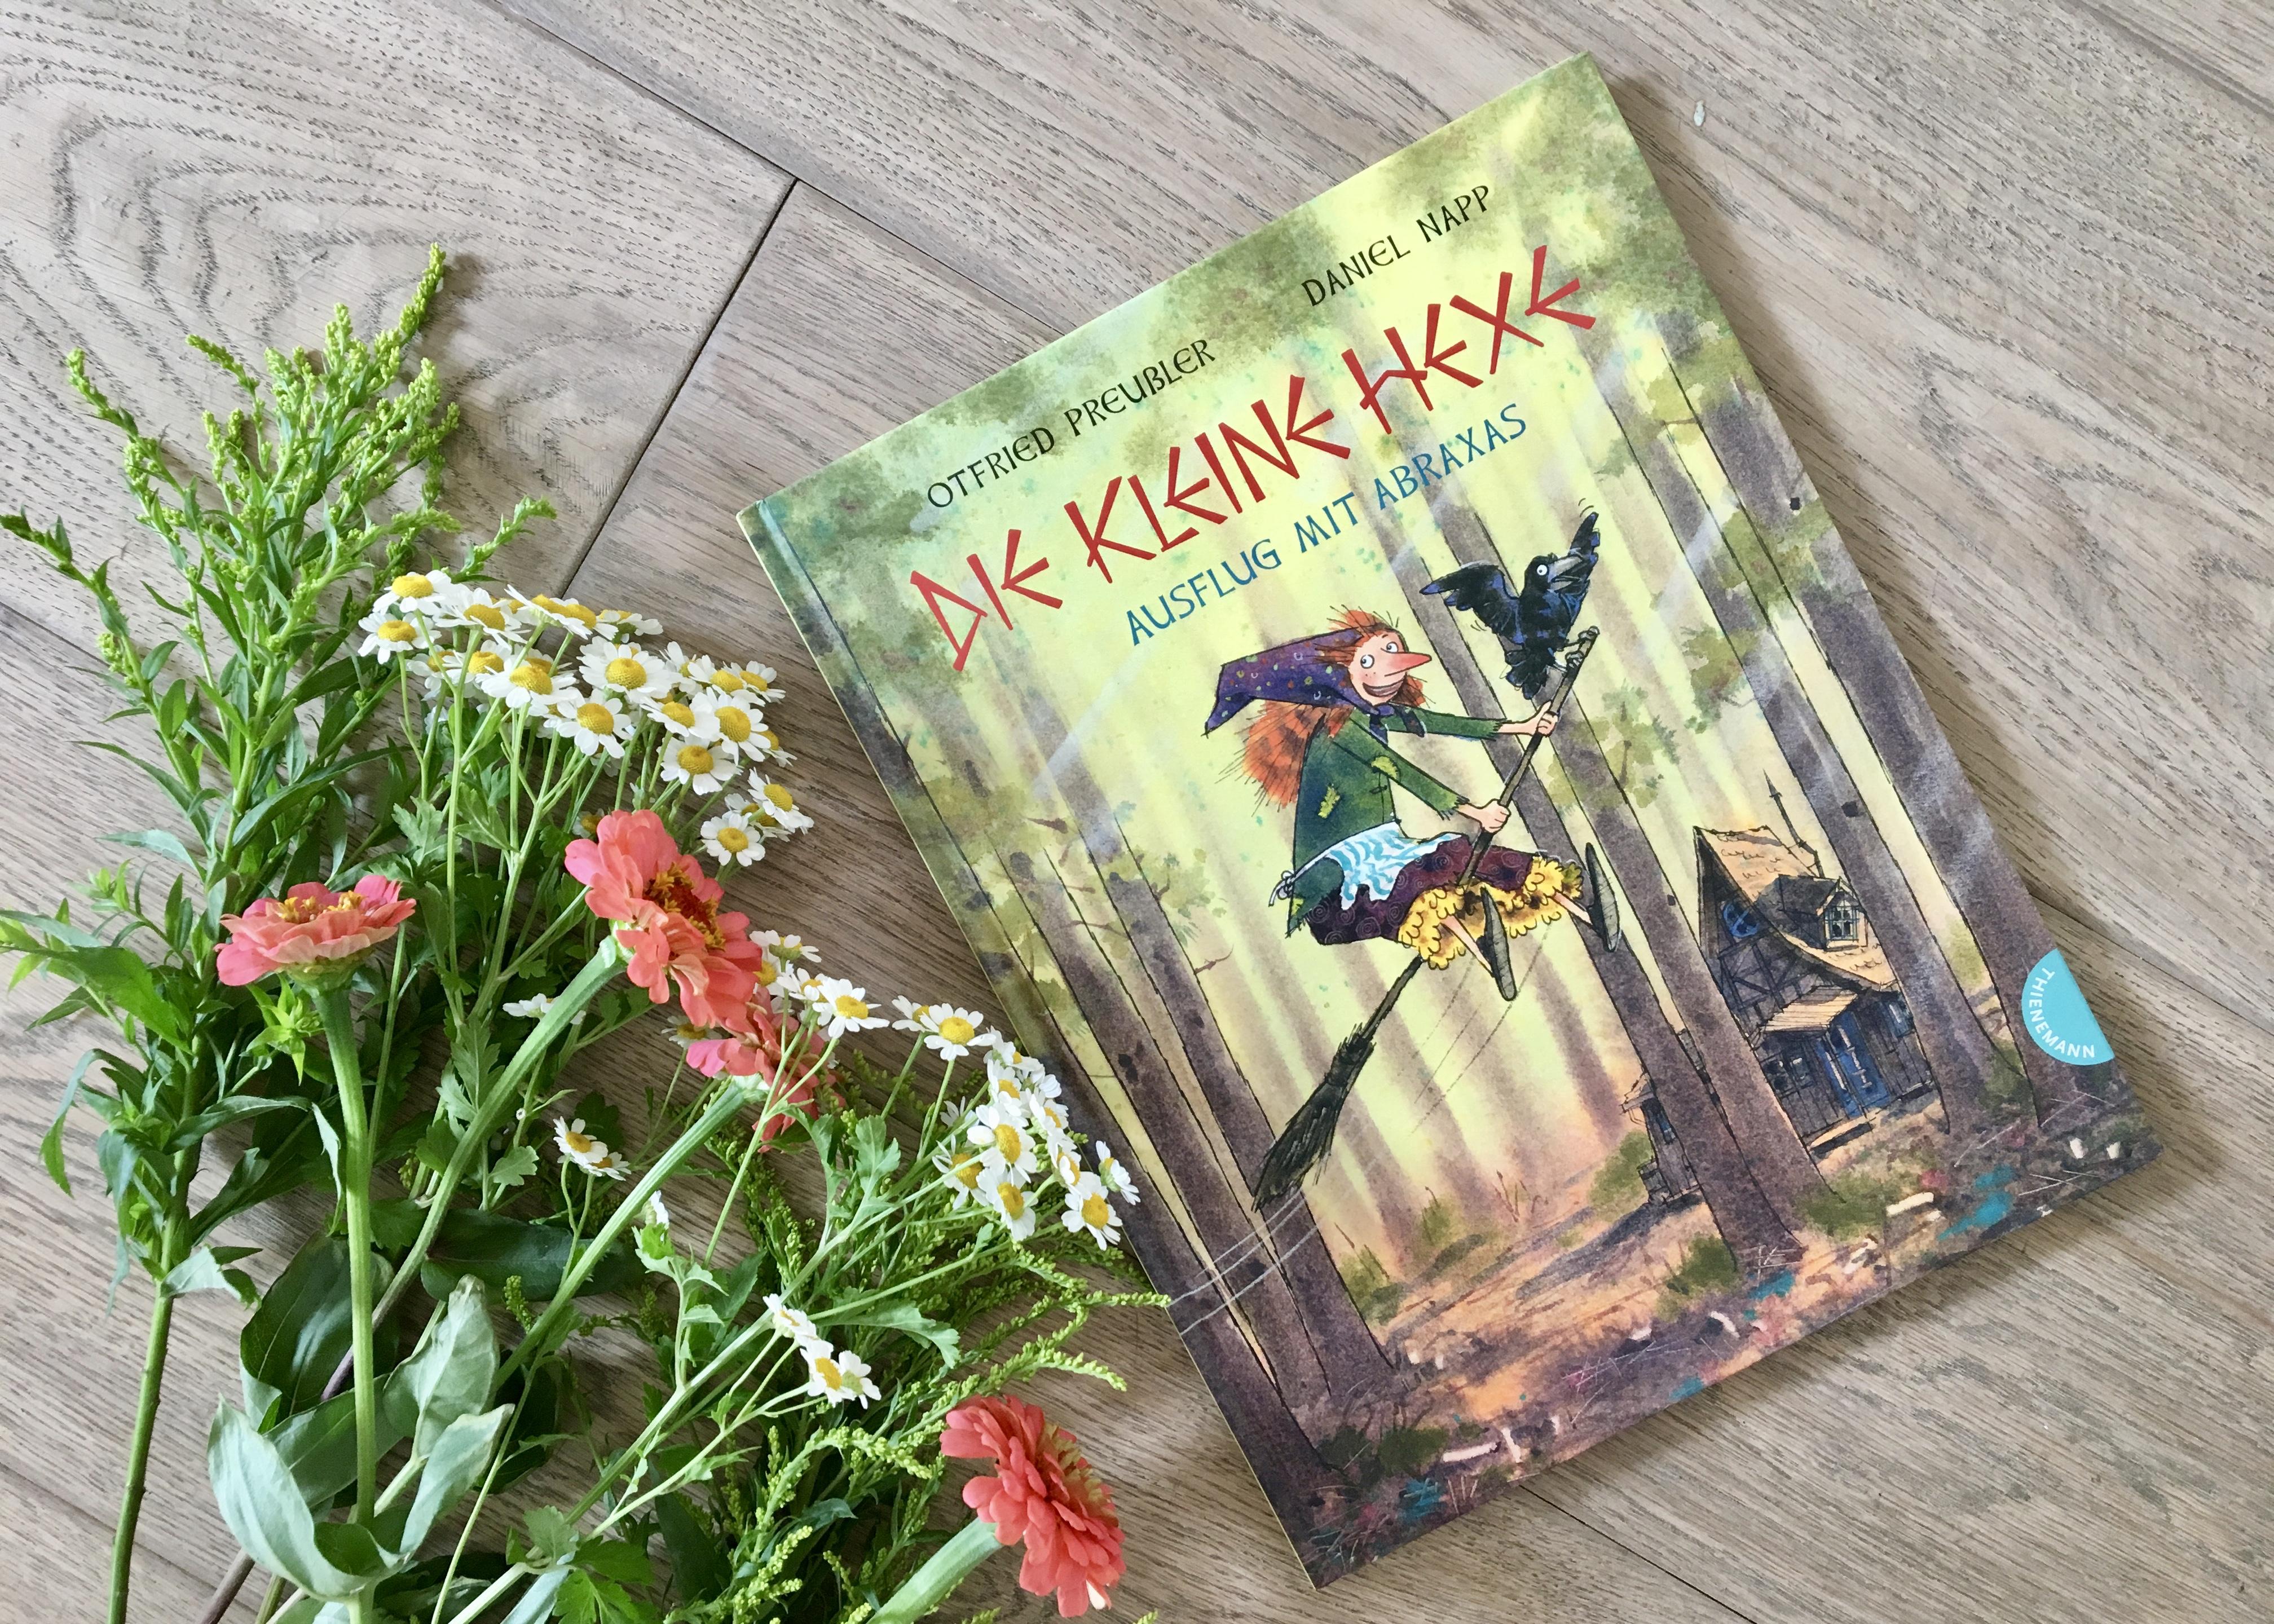 Die kleine Hexe - Ausflug mit Abraxas von Otfried Preußler, Susanne Preußler-Bitsch (Text) und Daniel Napp (Illustration)